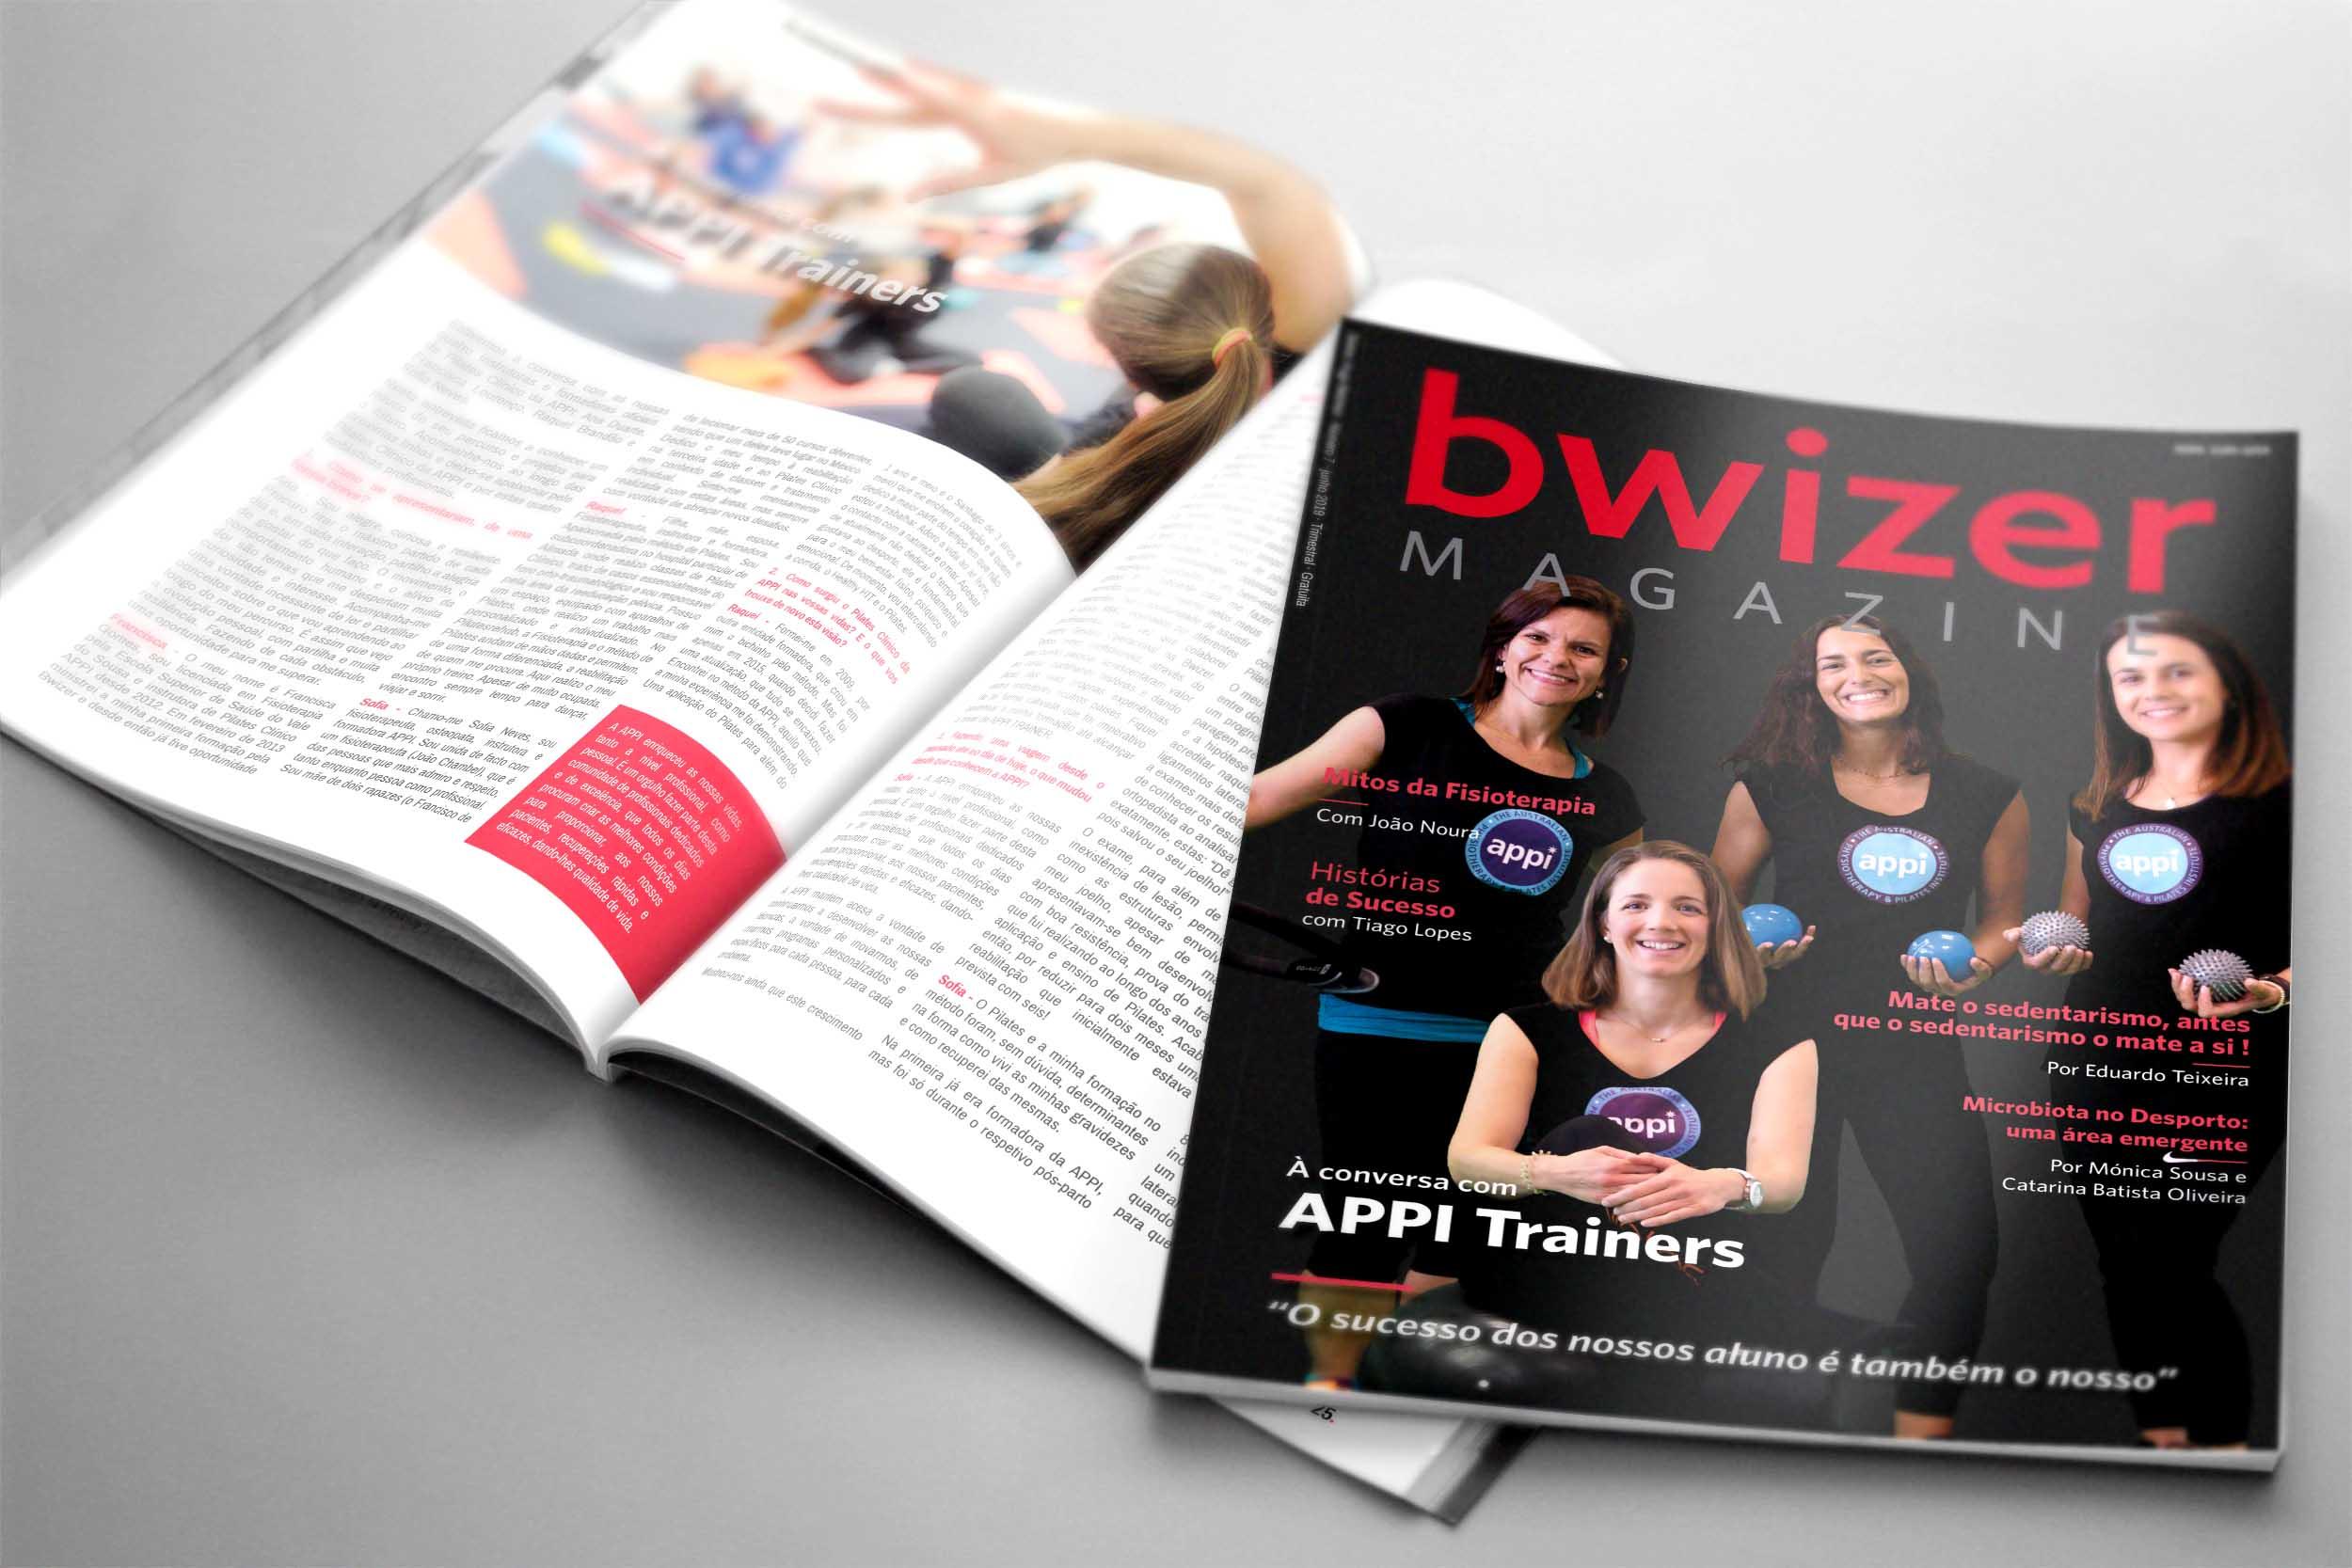 Bwizer Magazine - número 7